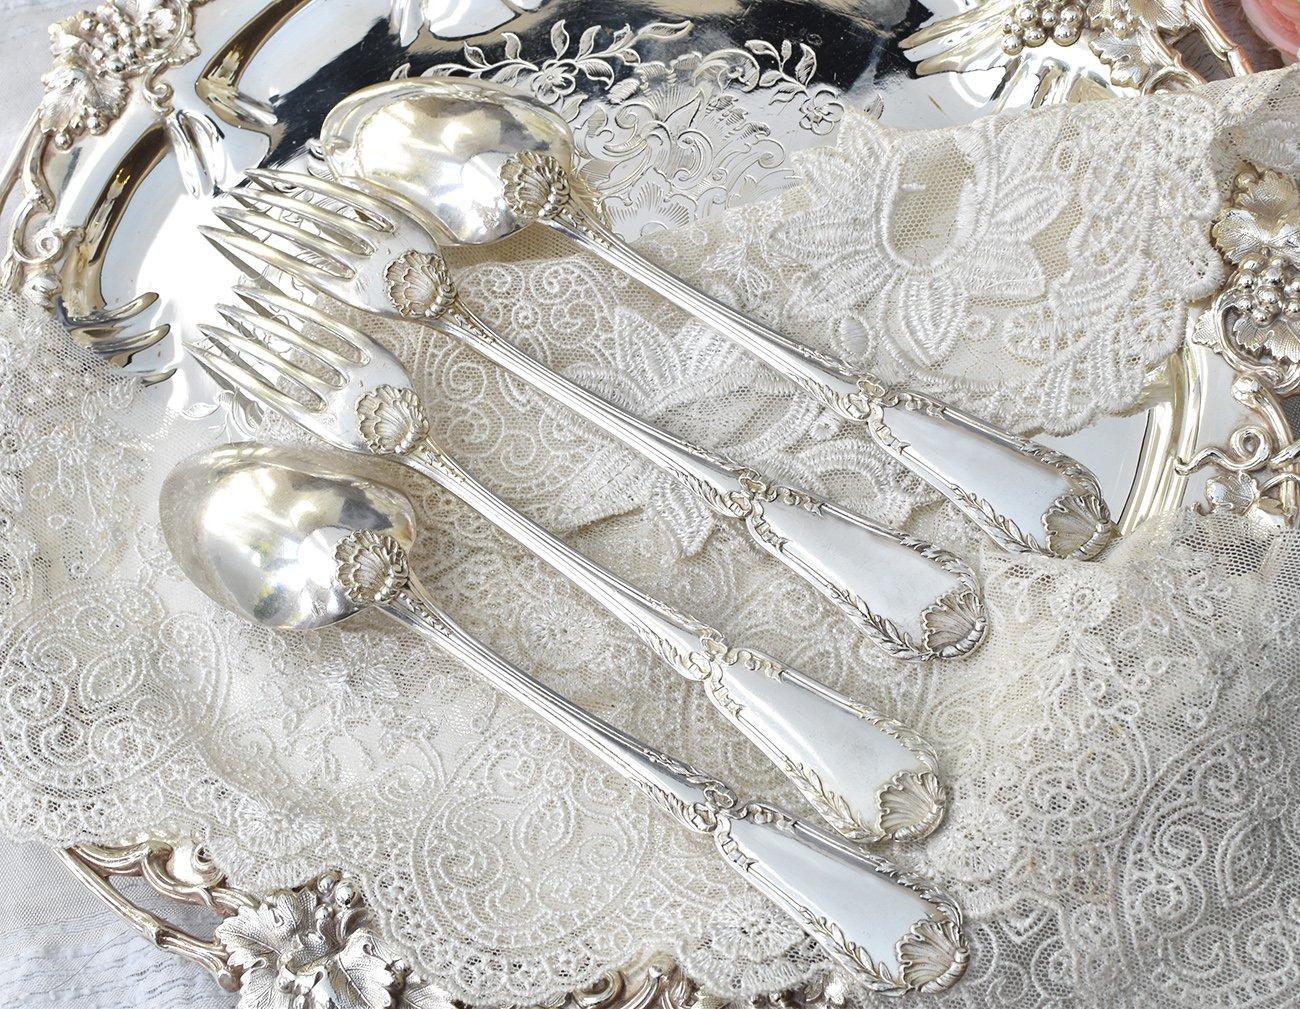 仏アンティーク銀器【銀800】ピュイフォルカ ポンパドゥール ディナーカトラリー2組